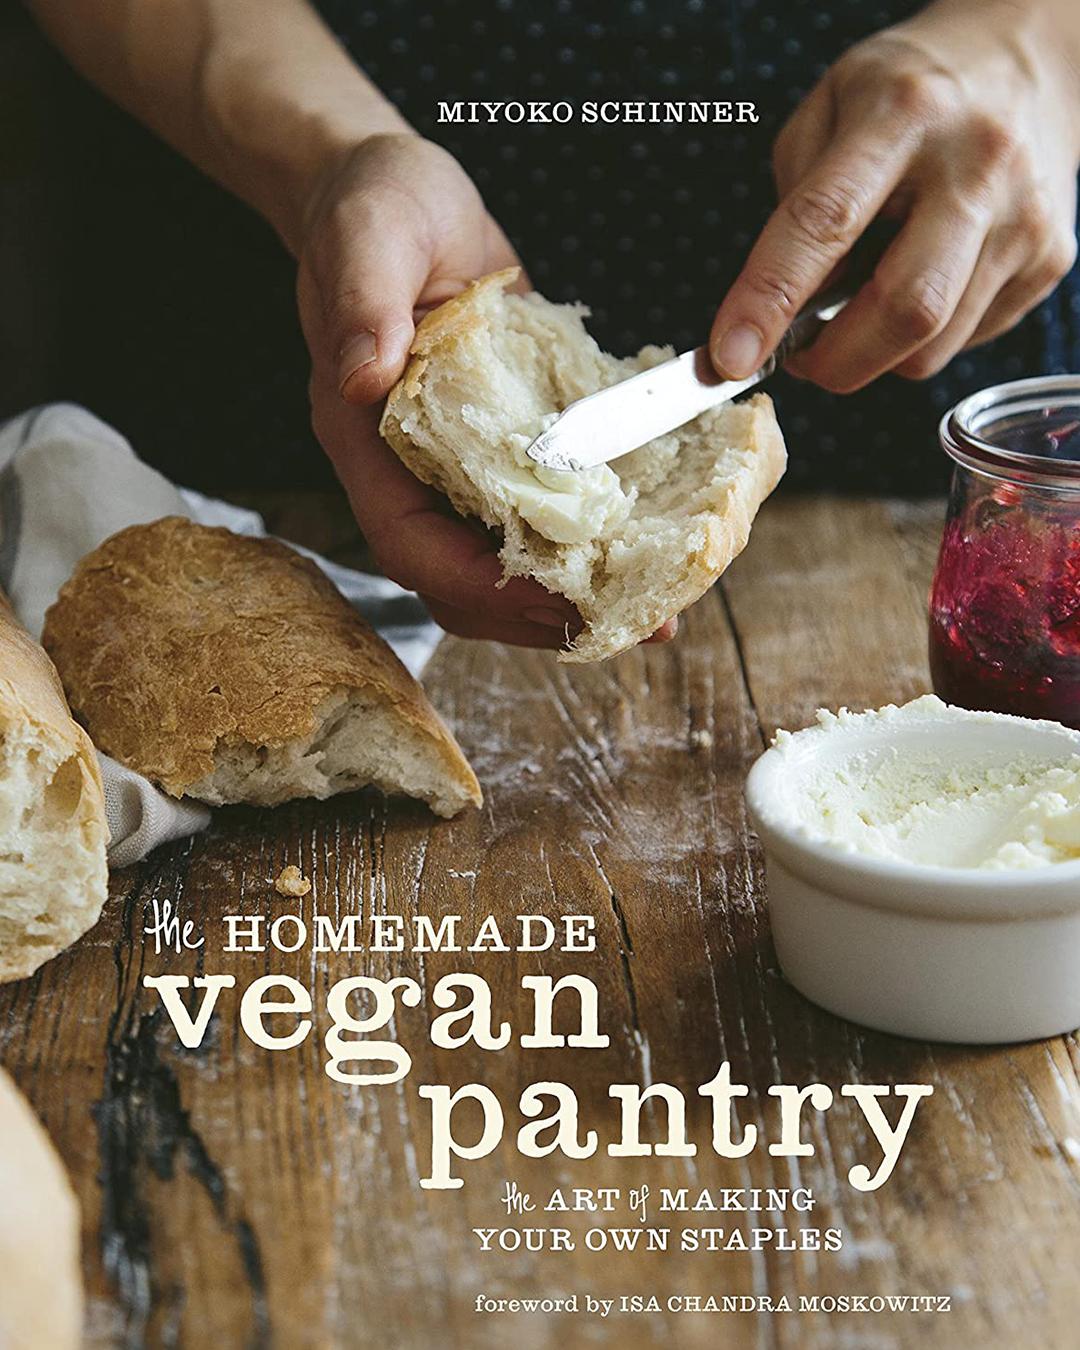 Homemade Vegan Pantry Cookbook Cover